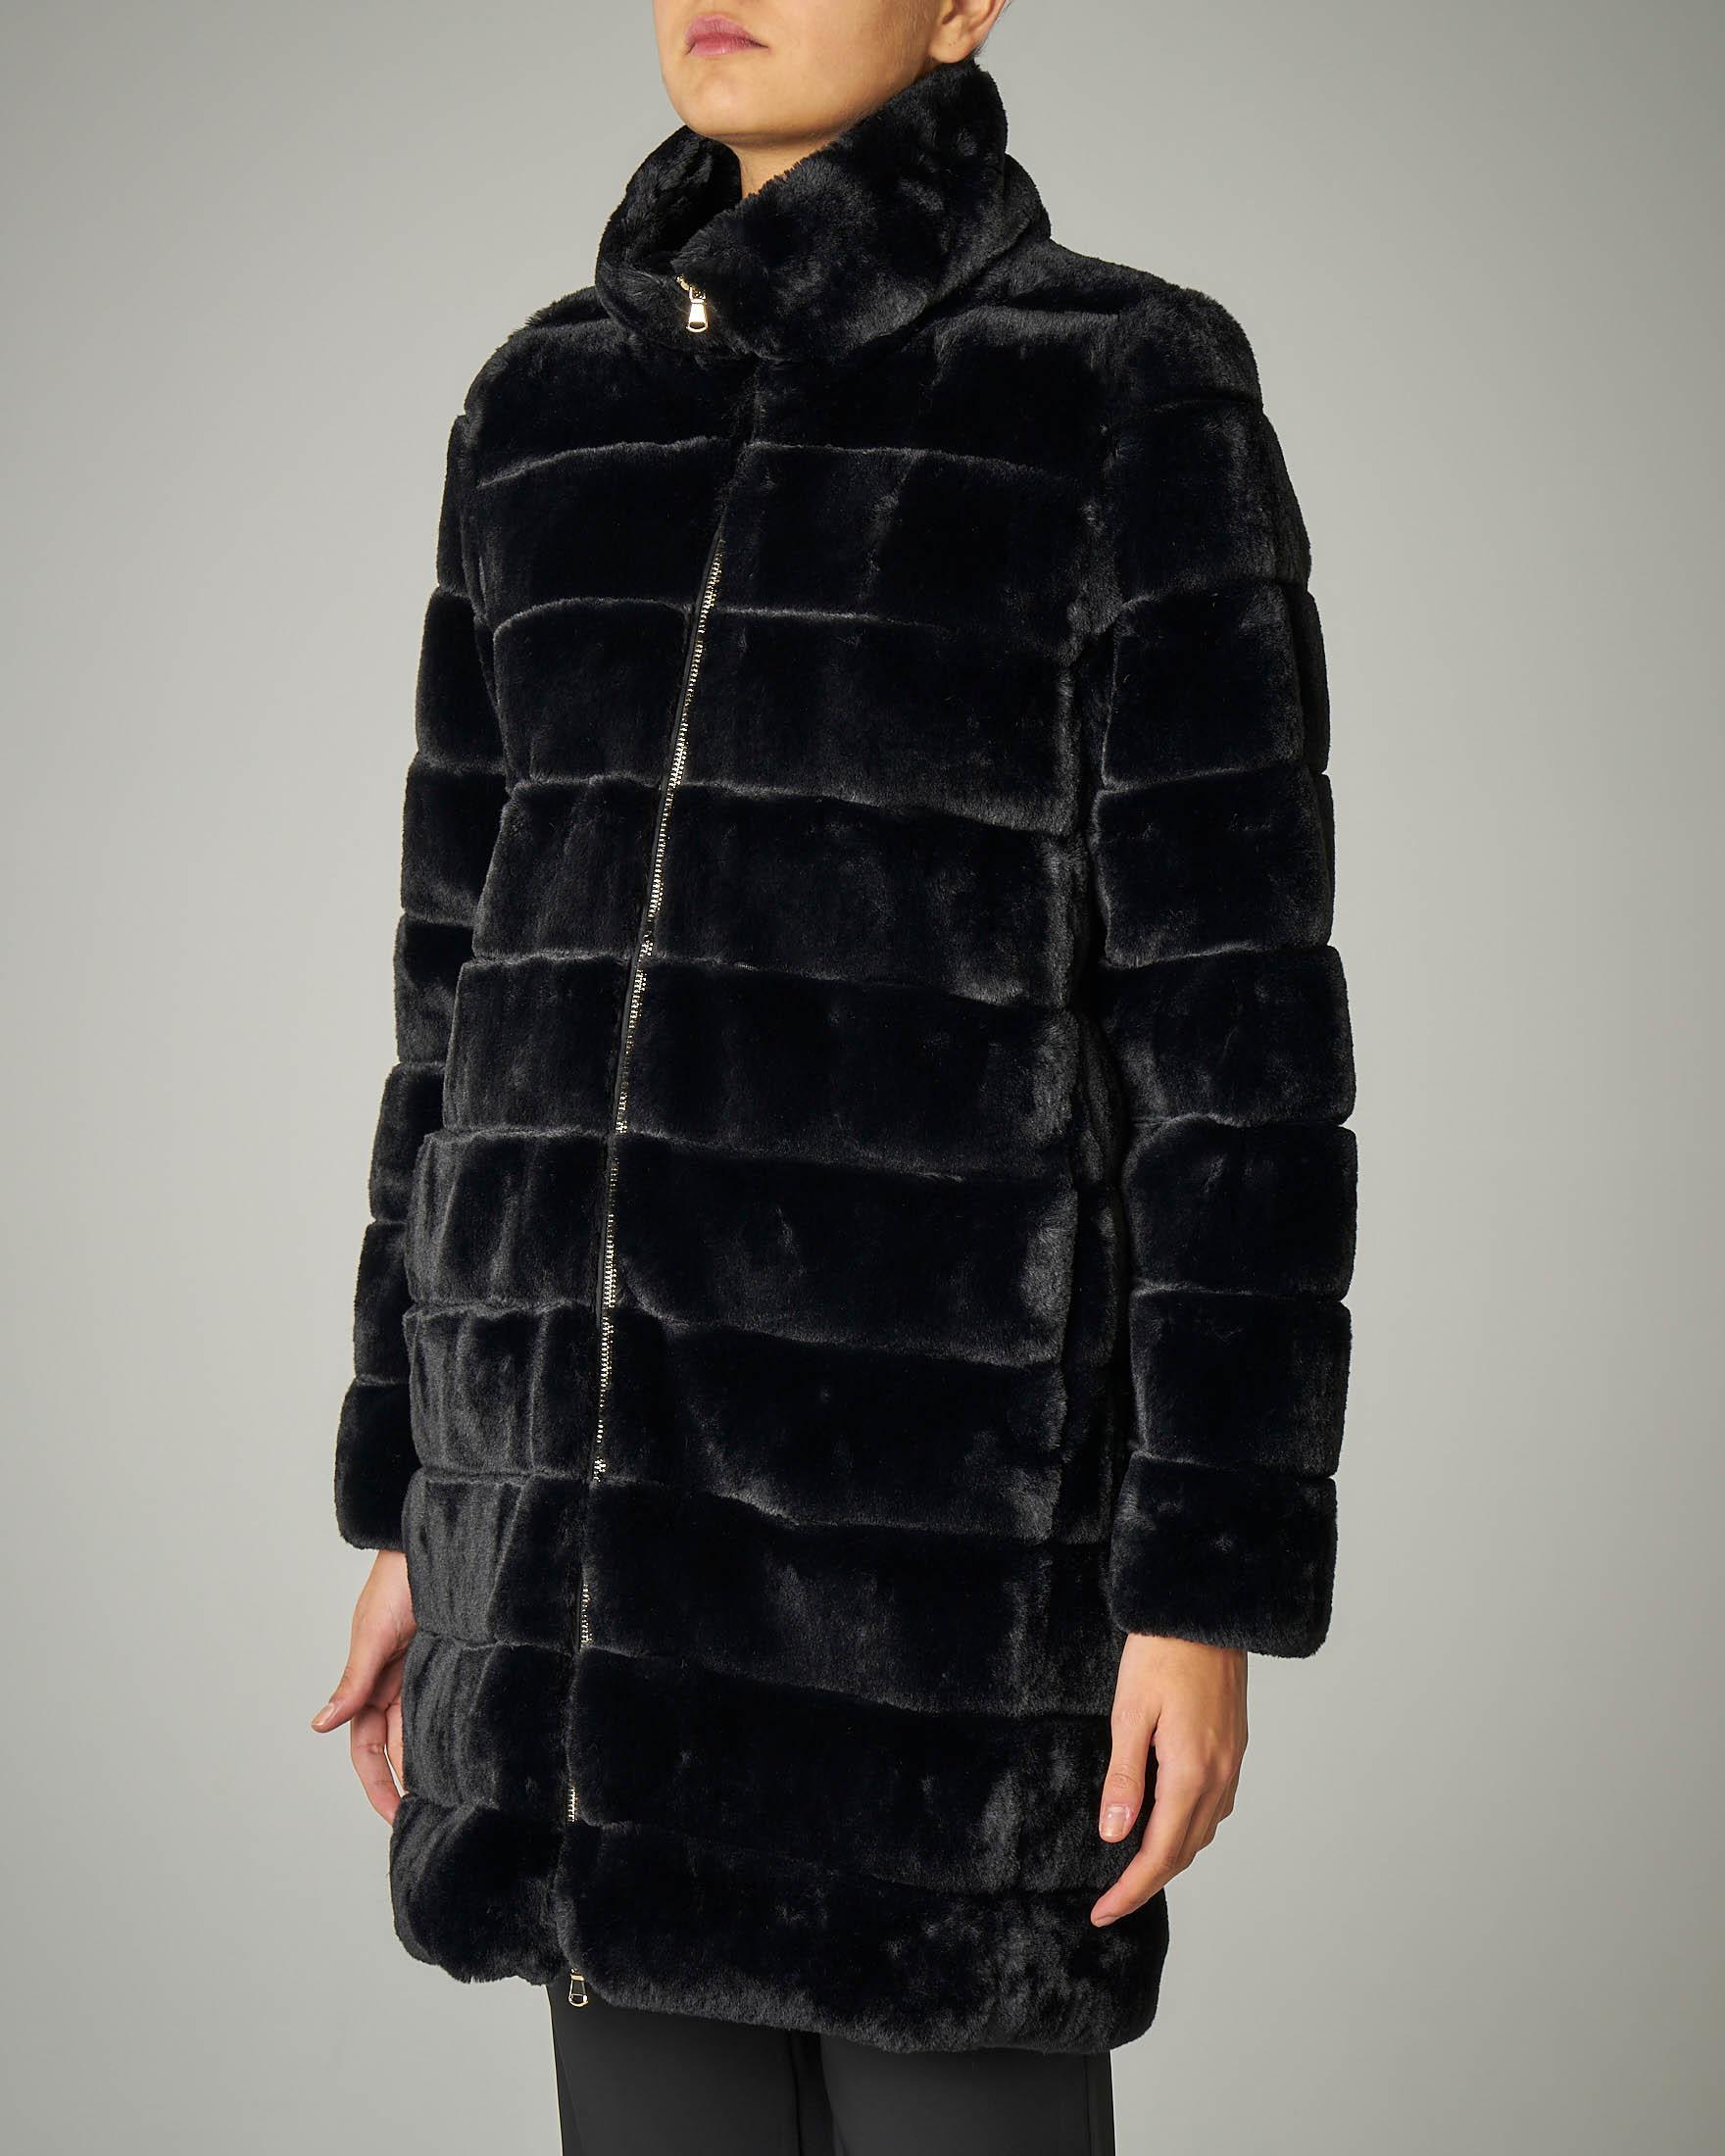 Eco pelliccia lunga nera con collo alto